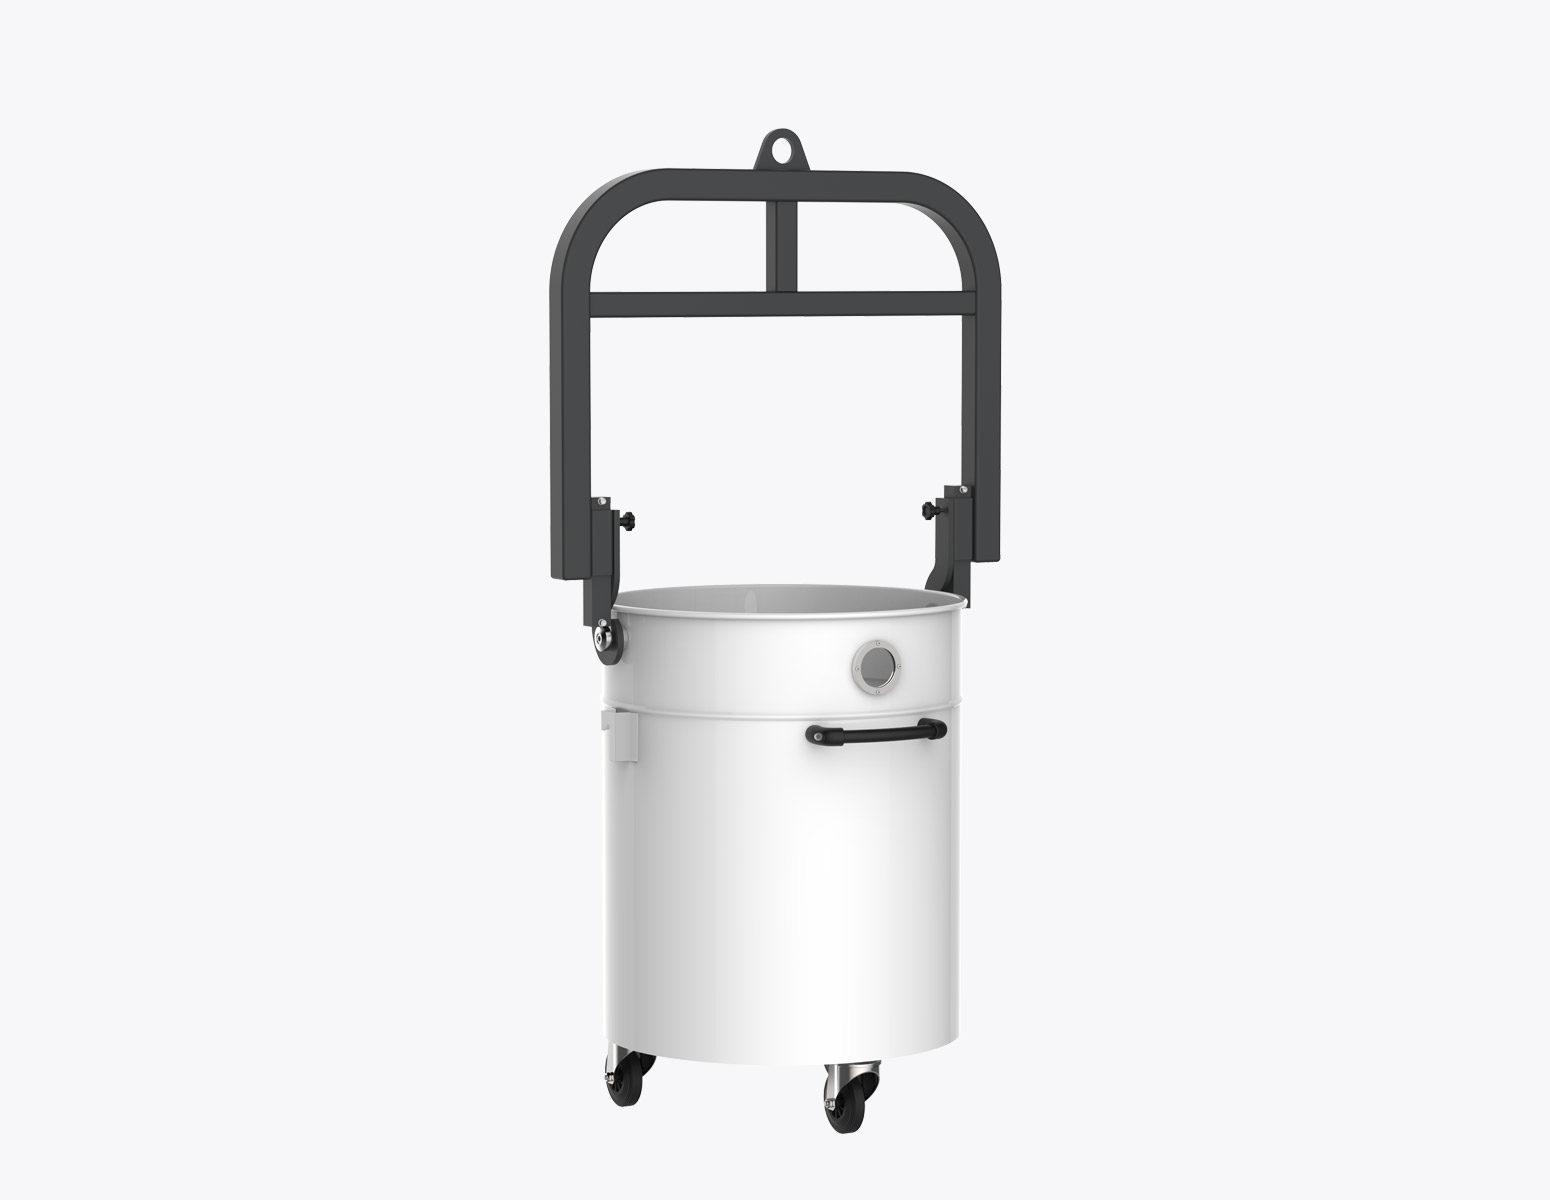 lift-kit-industrial-vacuum-cleaners-ivision-vacuum-bianco2